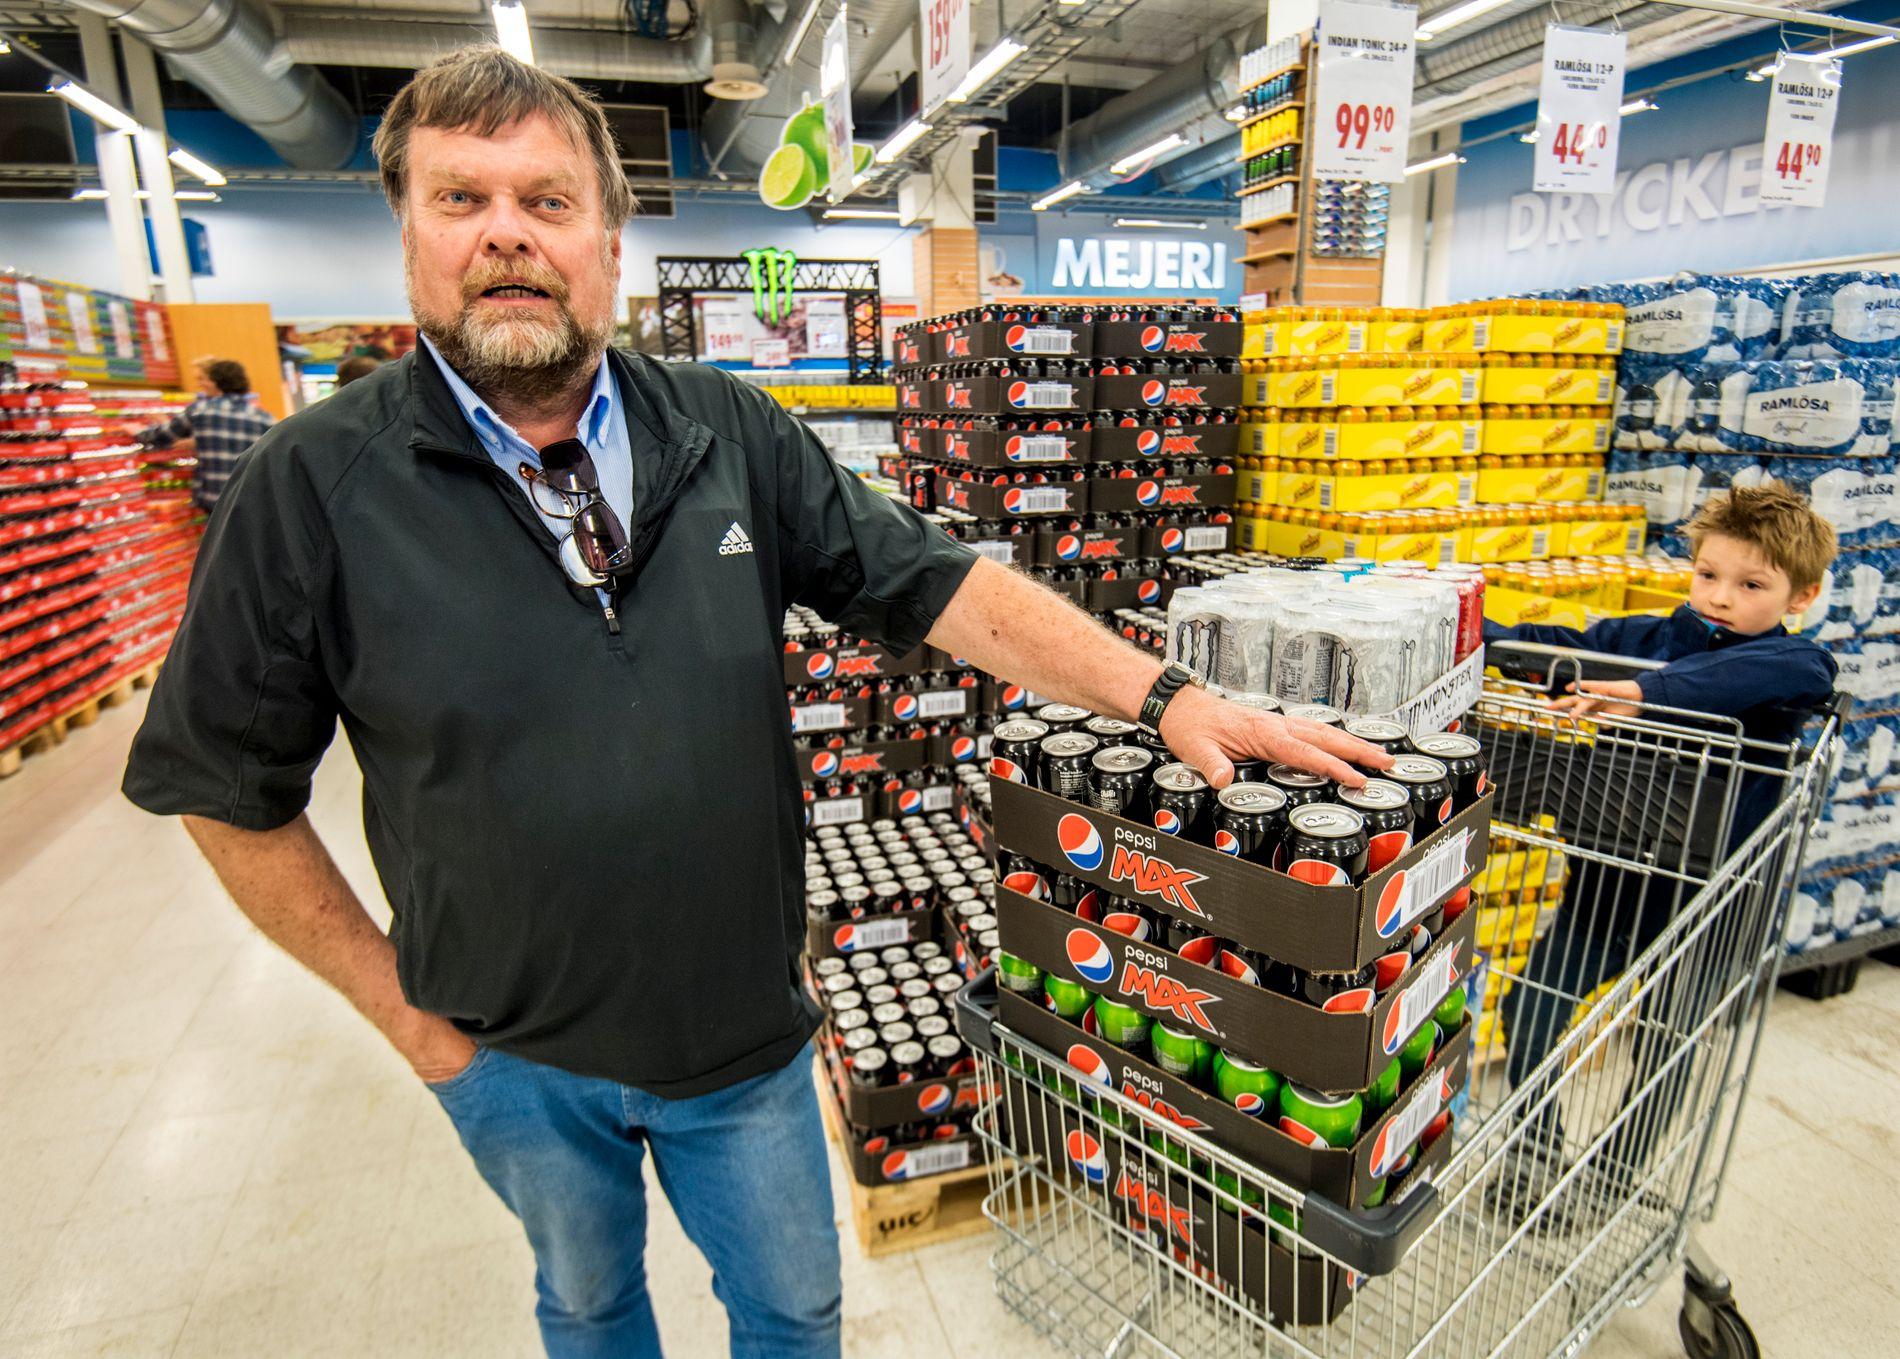 BRUSGLEDE: Jan Erik Tvedt (66) pensjonist fra Arendal har med seg barnebarnet Martin på handletur til Nordby Supermarket.